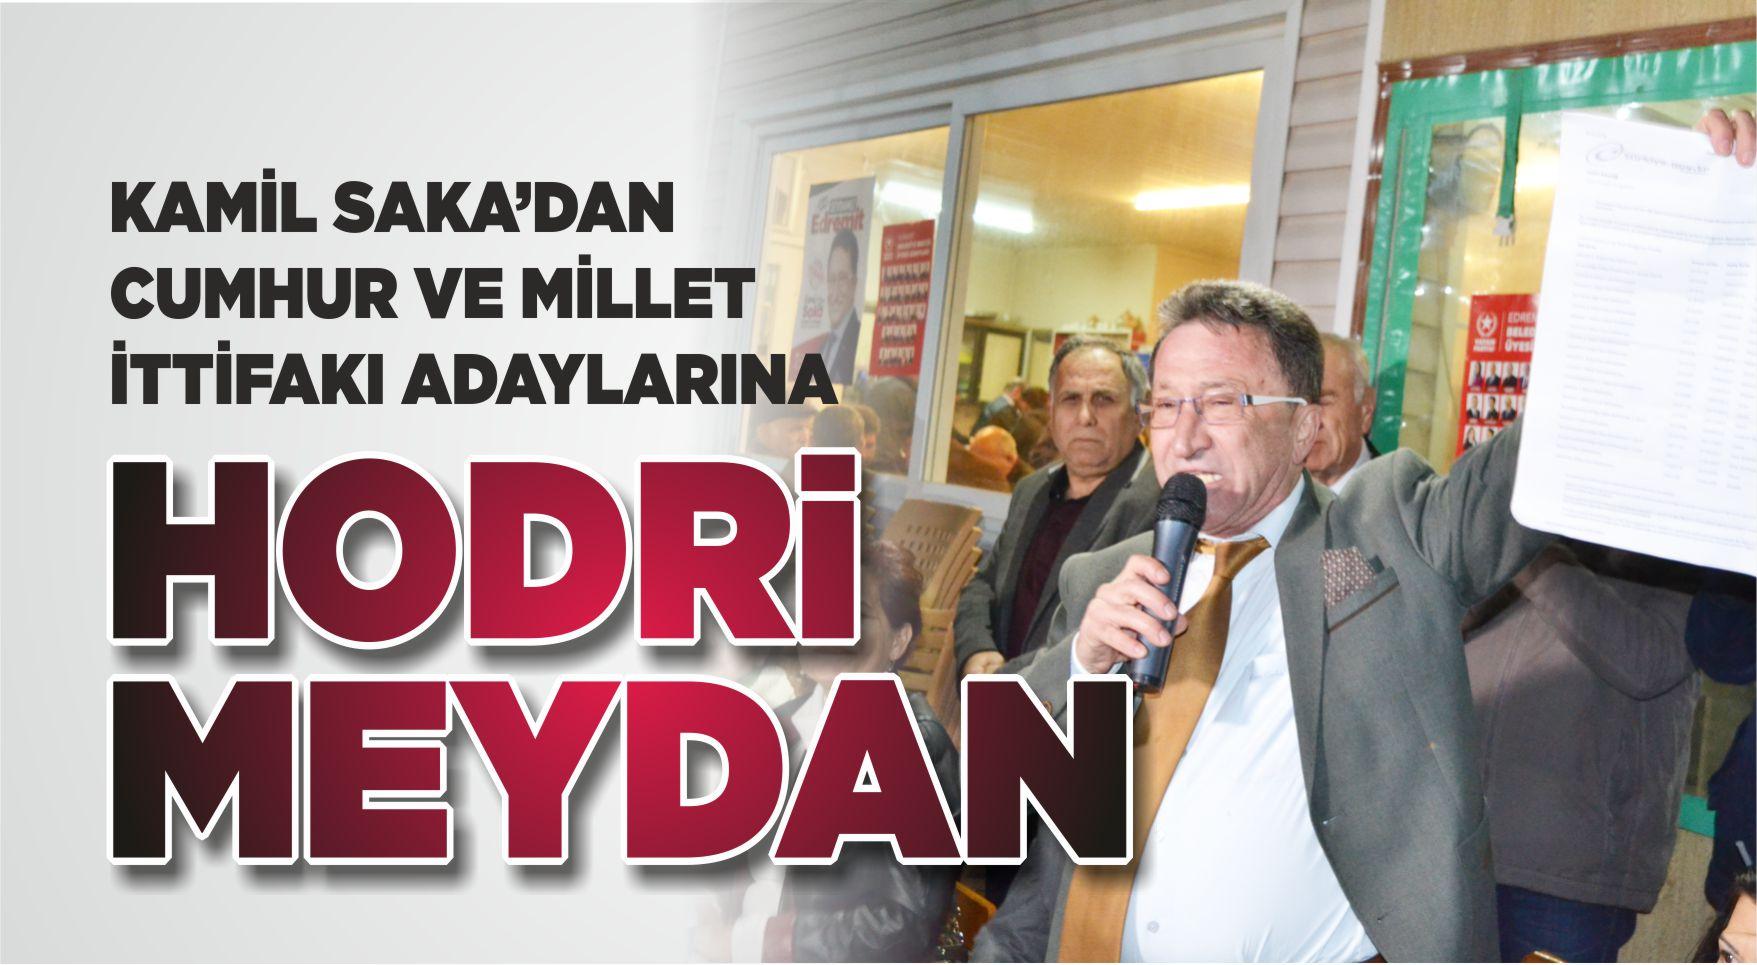 KAMİL SAKA'DAN RAKİPLERİNE HODRİ MEYDAN